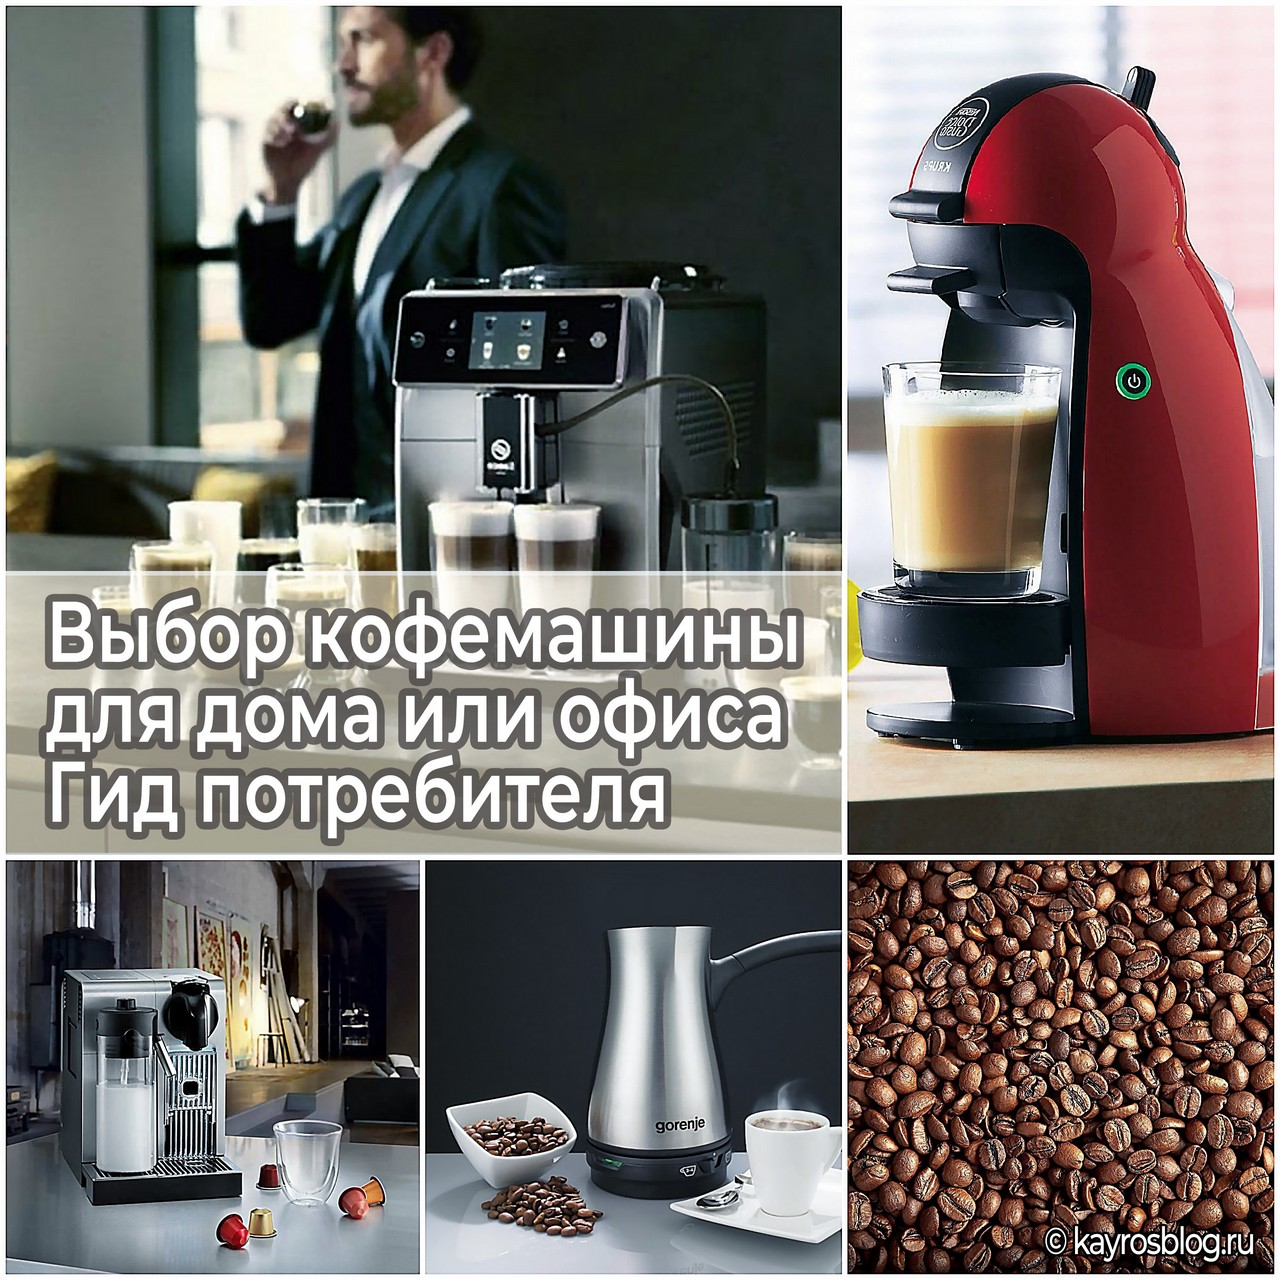 Как правильно выбирать кофемашину для дома